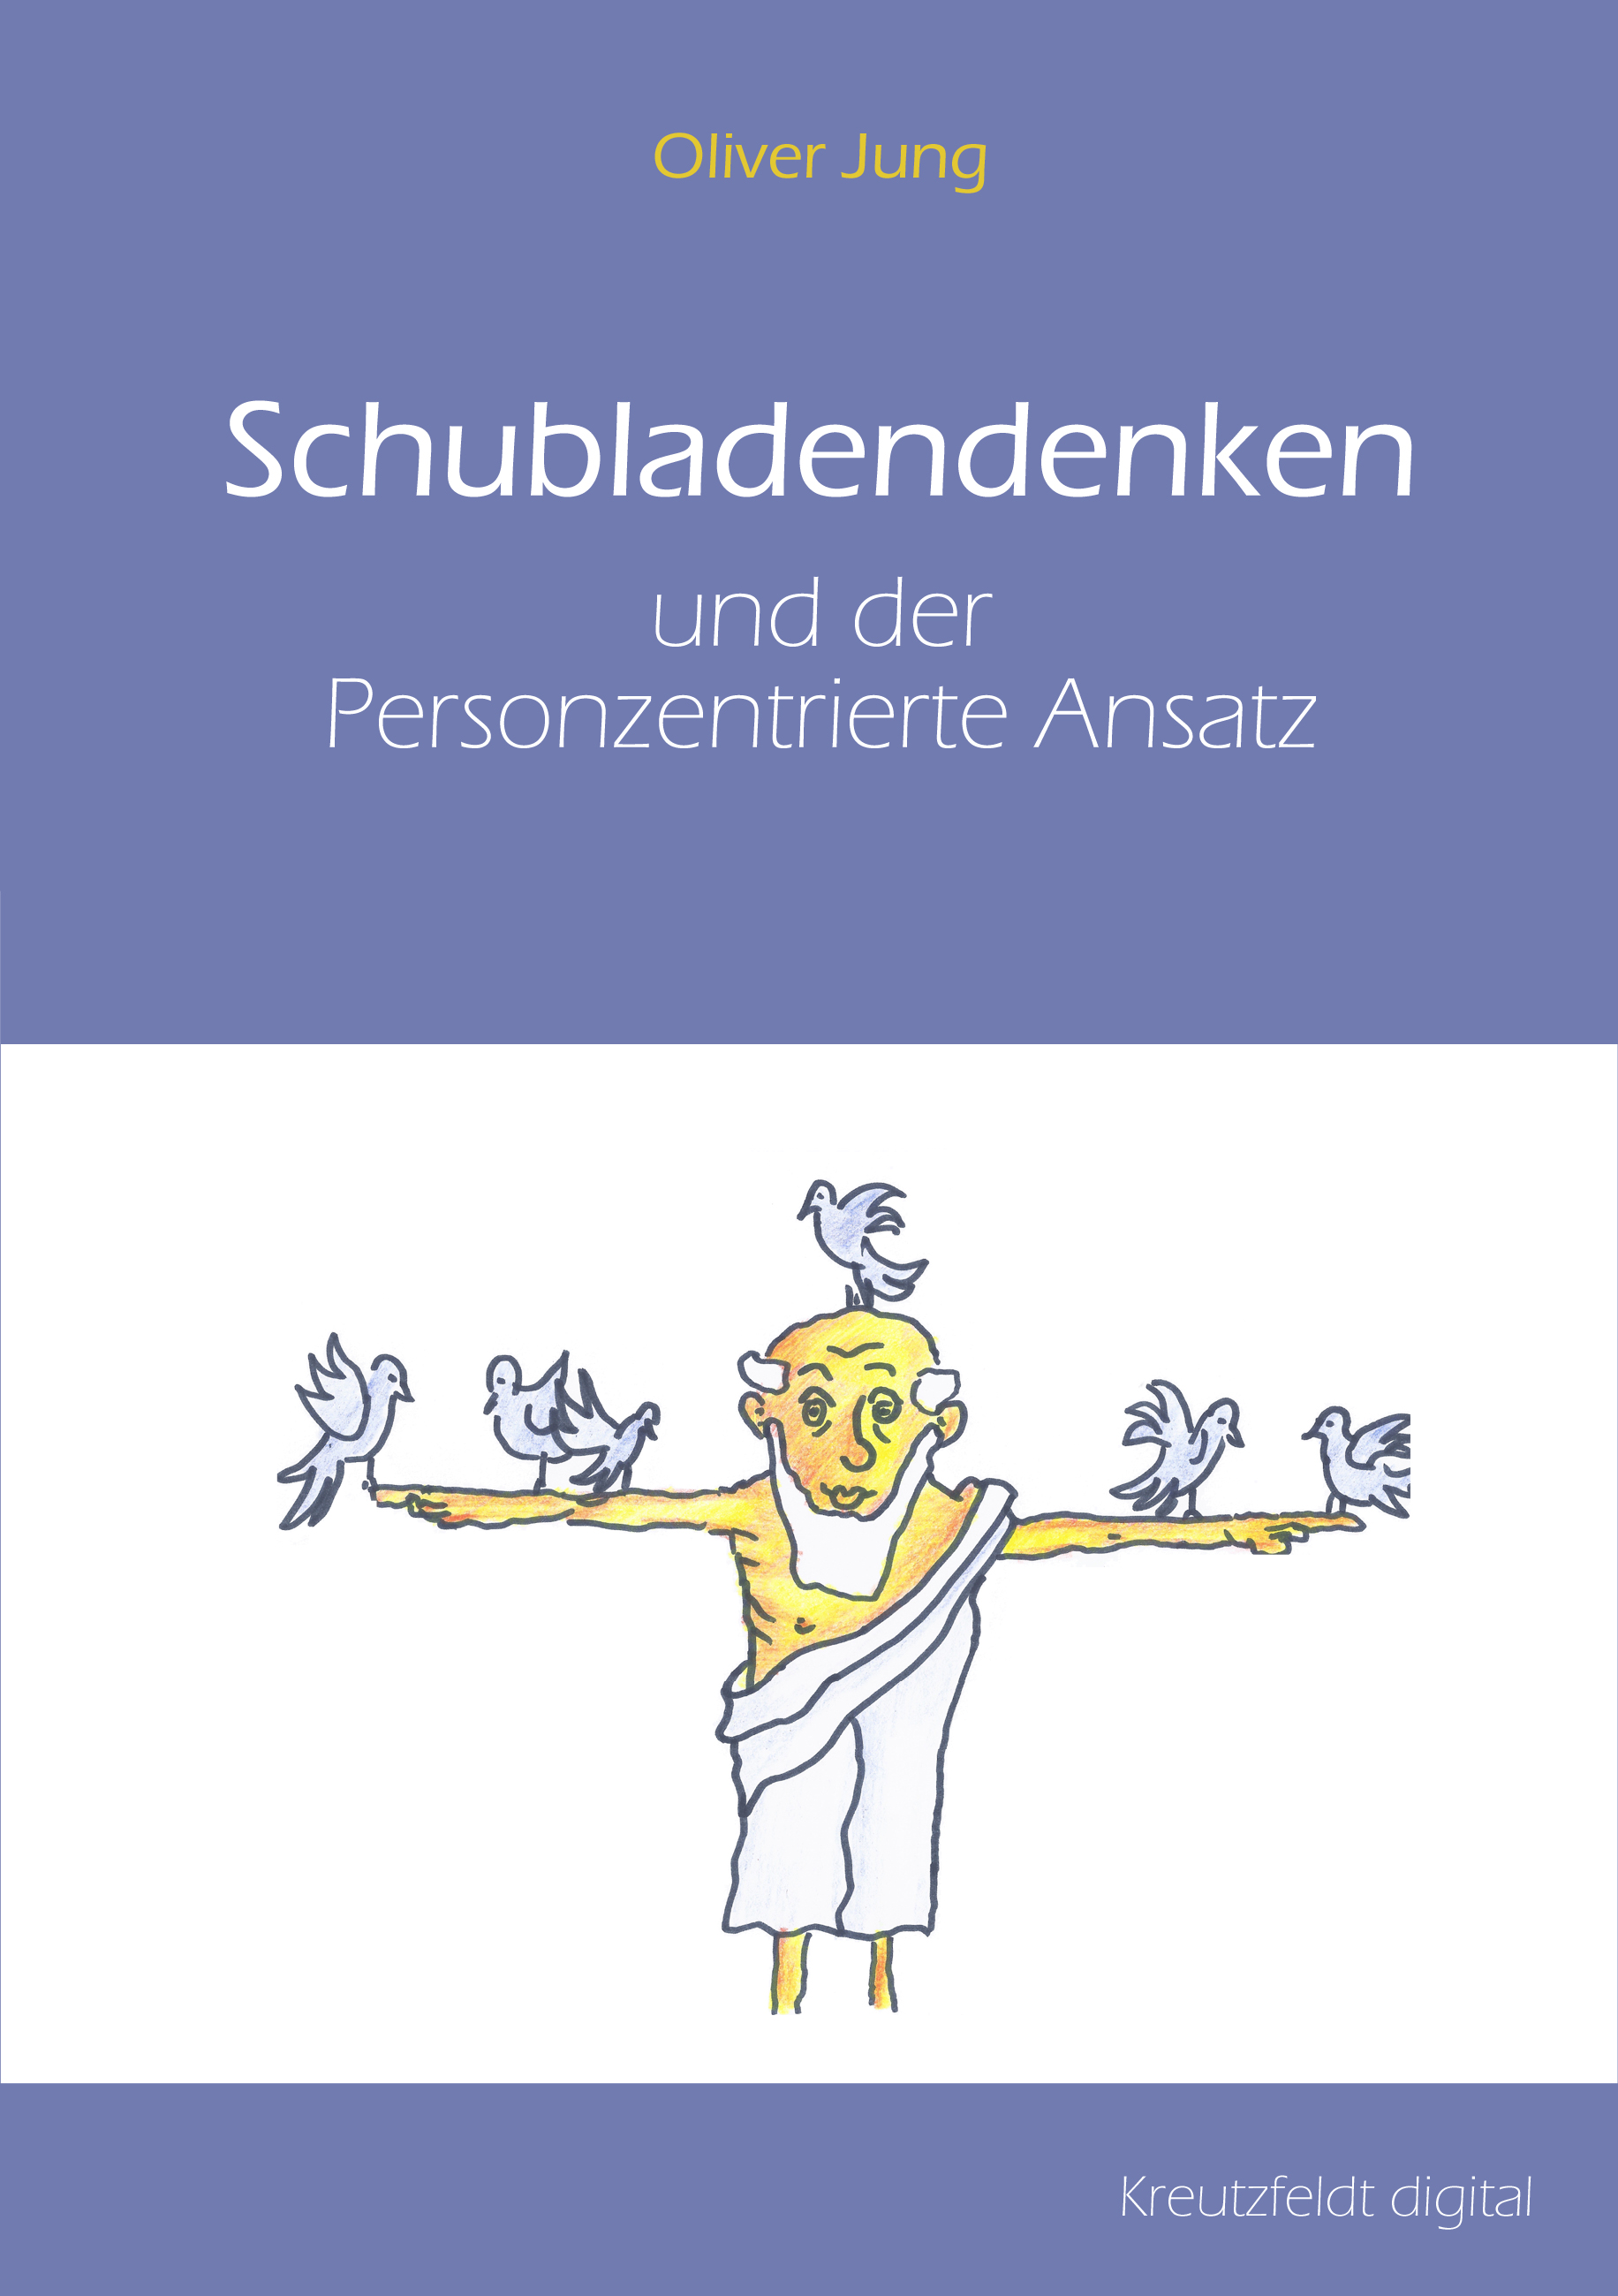 Oliver Jung Schubladendenken und der Personzentrierte Ansatz